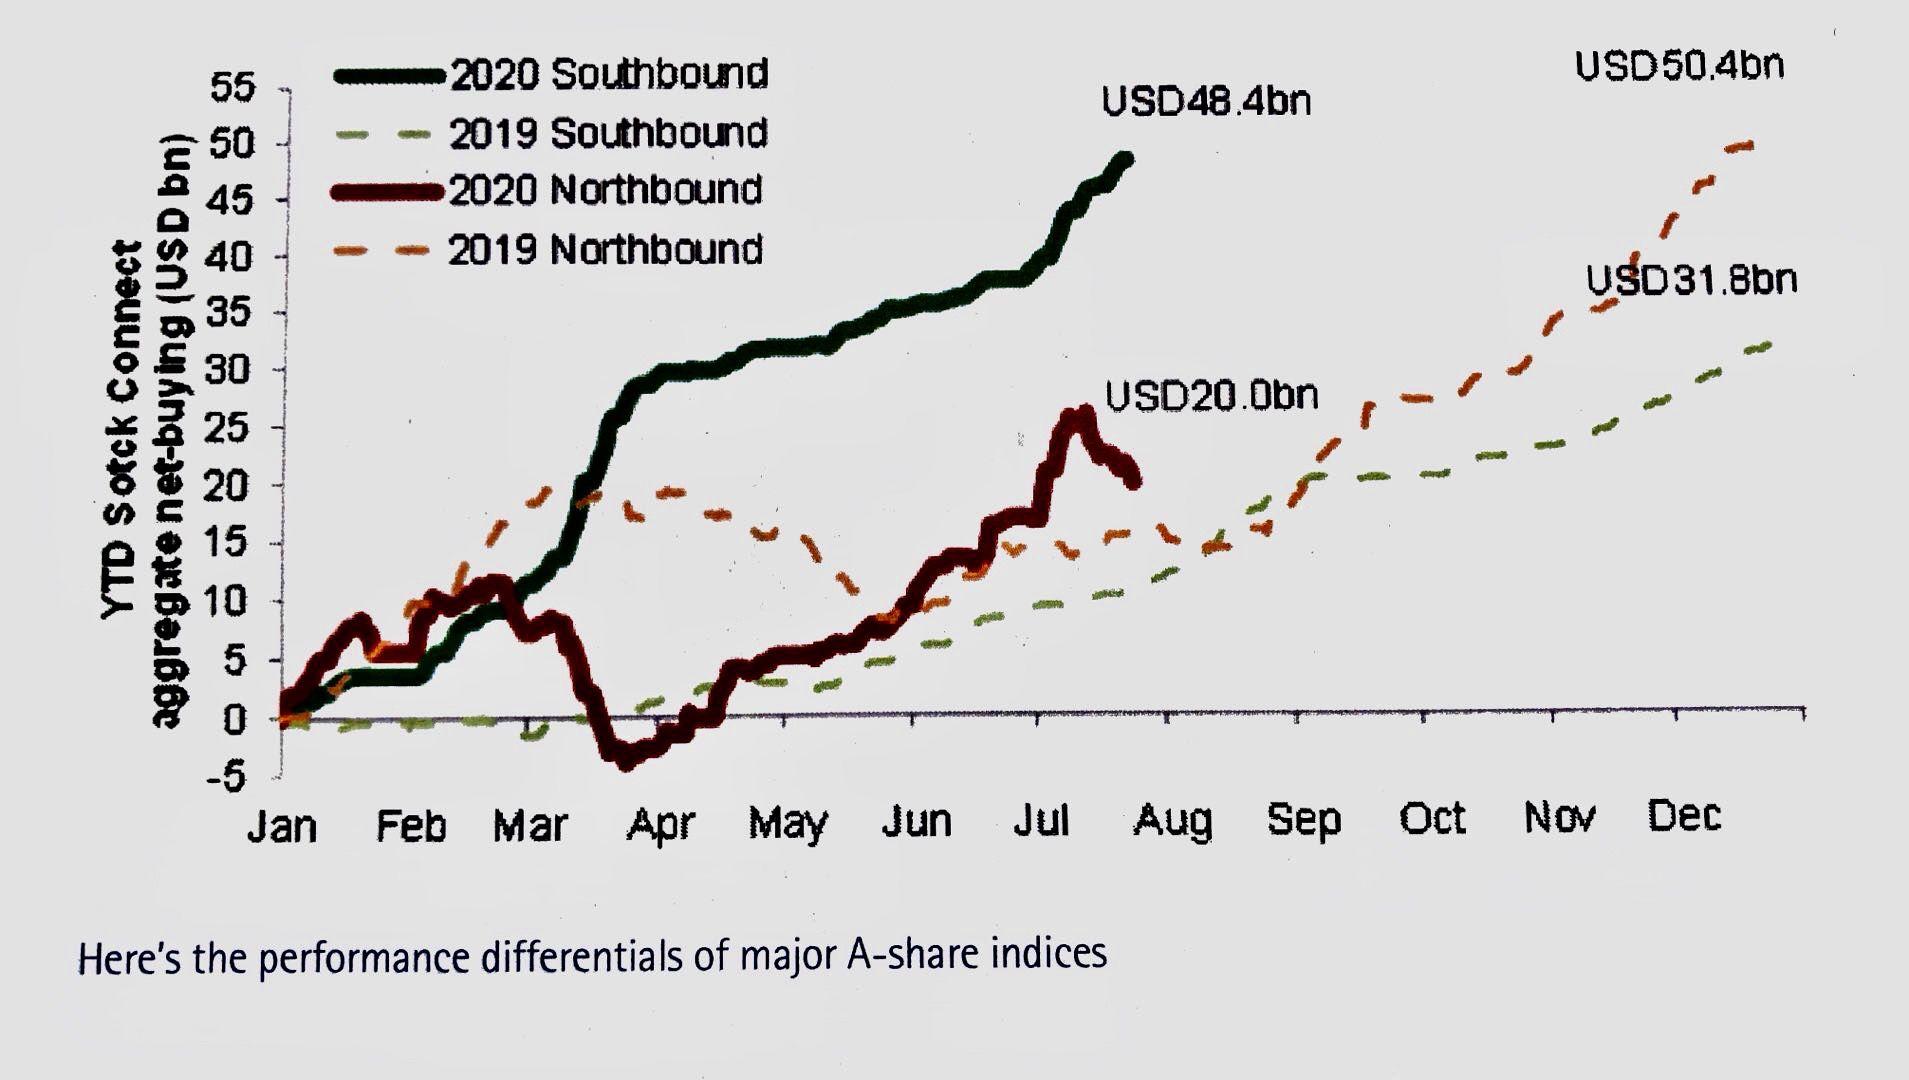 外资新动向:中国债券越跌越买,对A股加速轮动